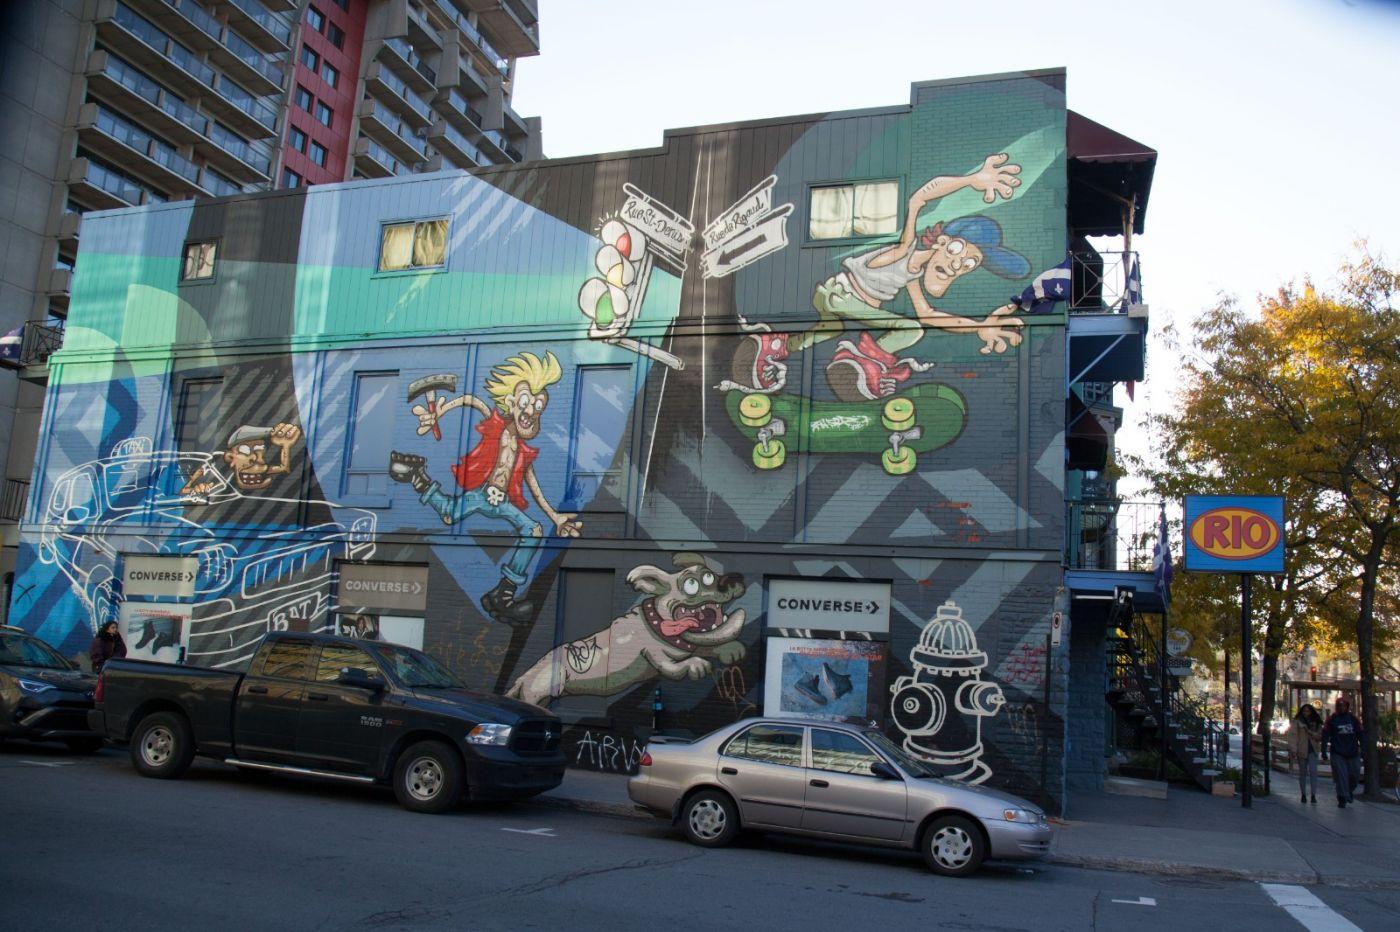 加拿大蒙特利尔街拍_图1-5